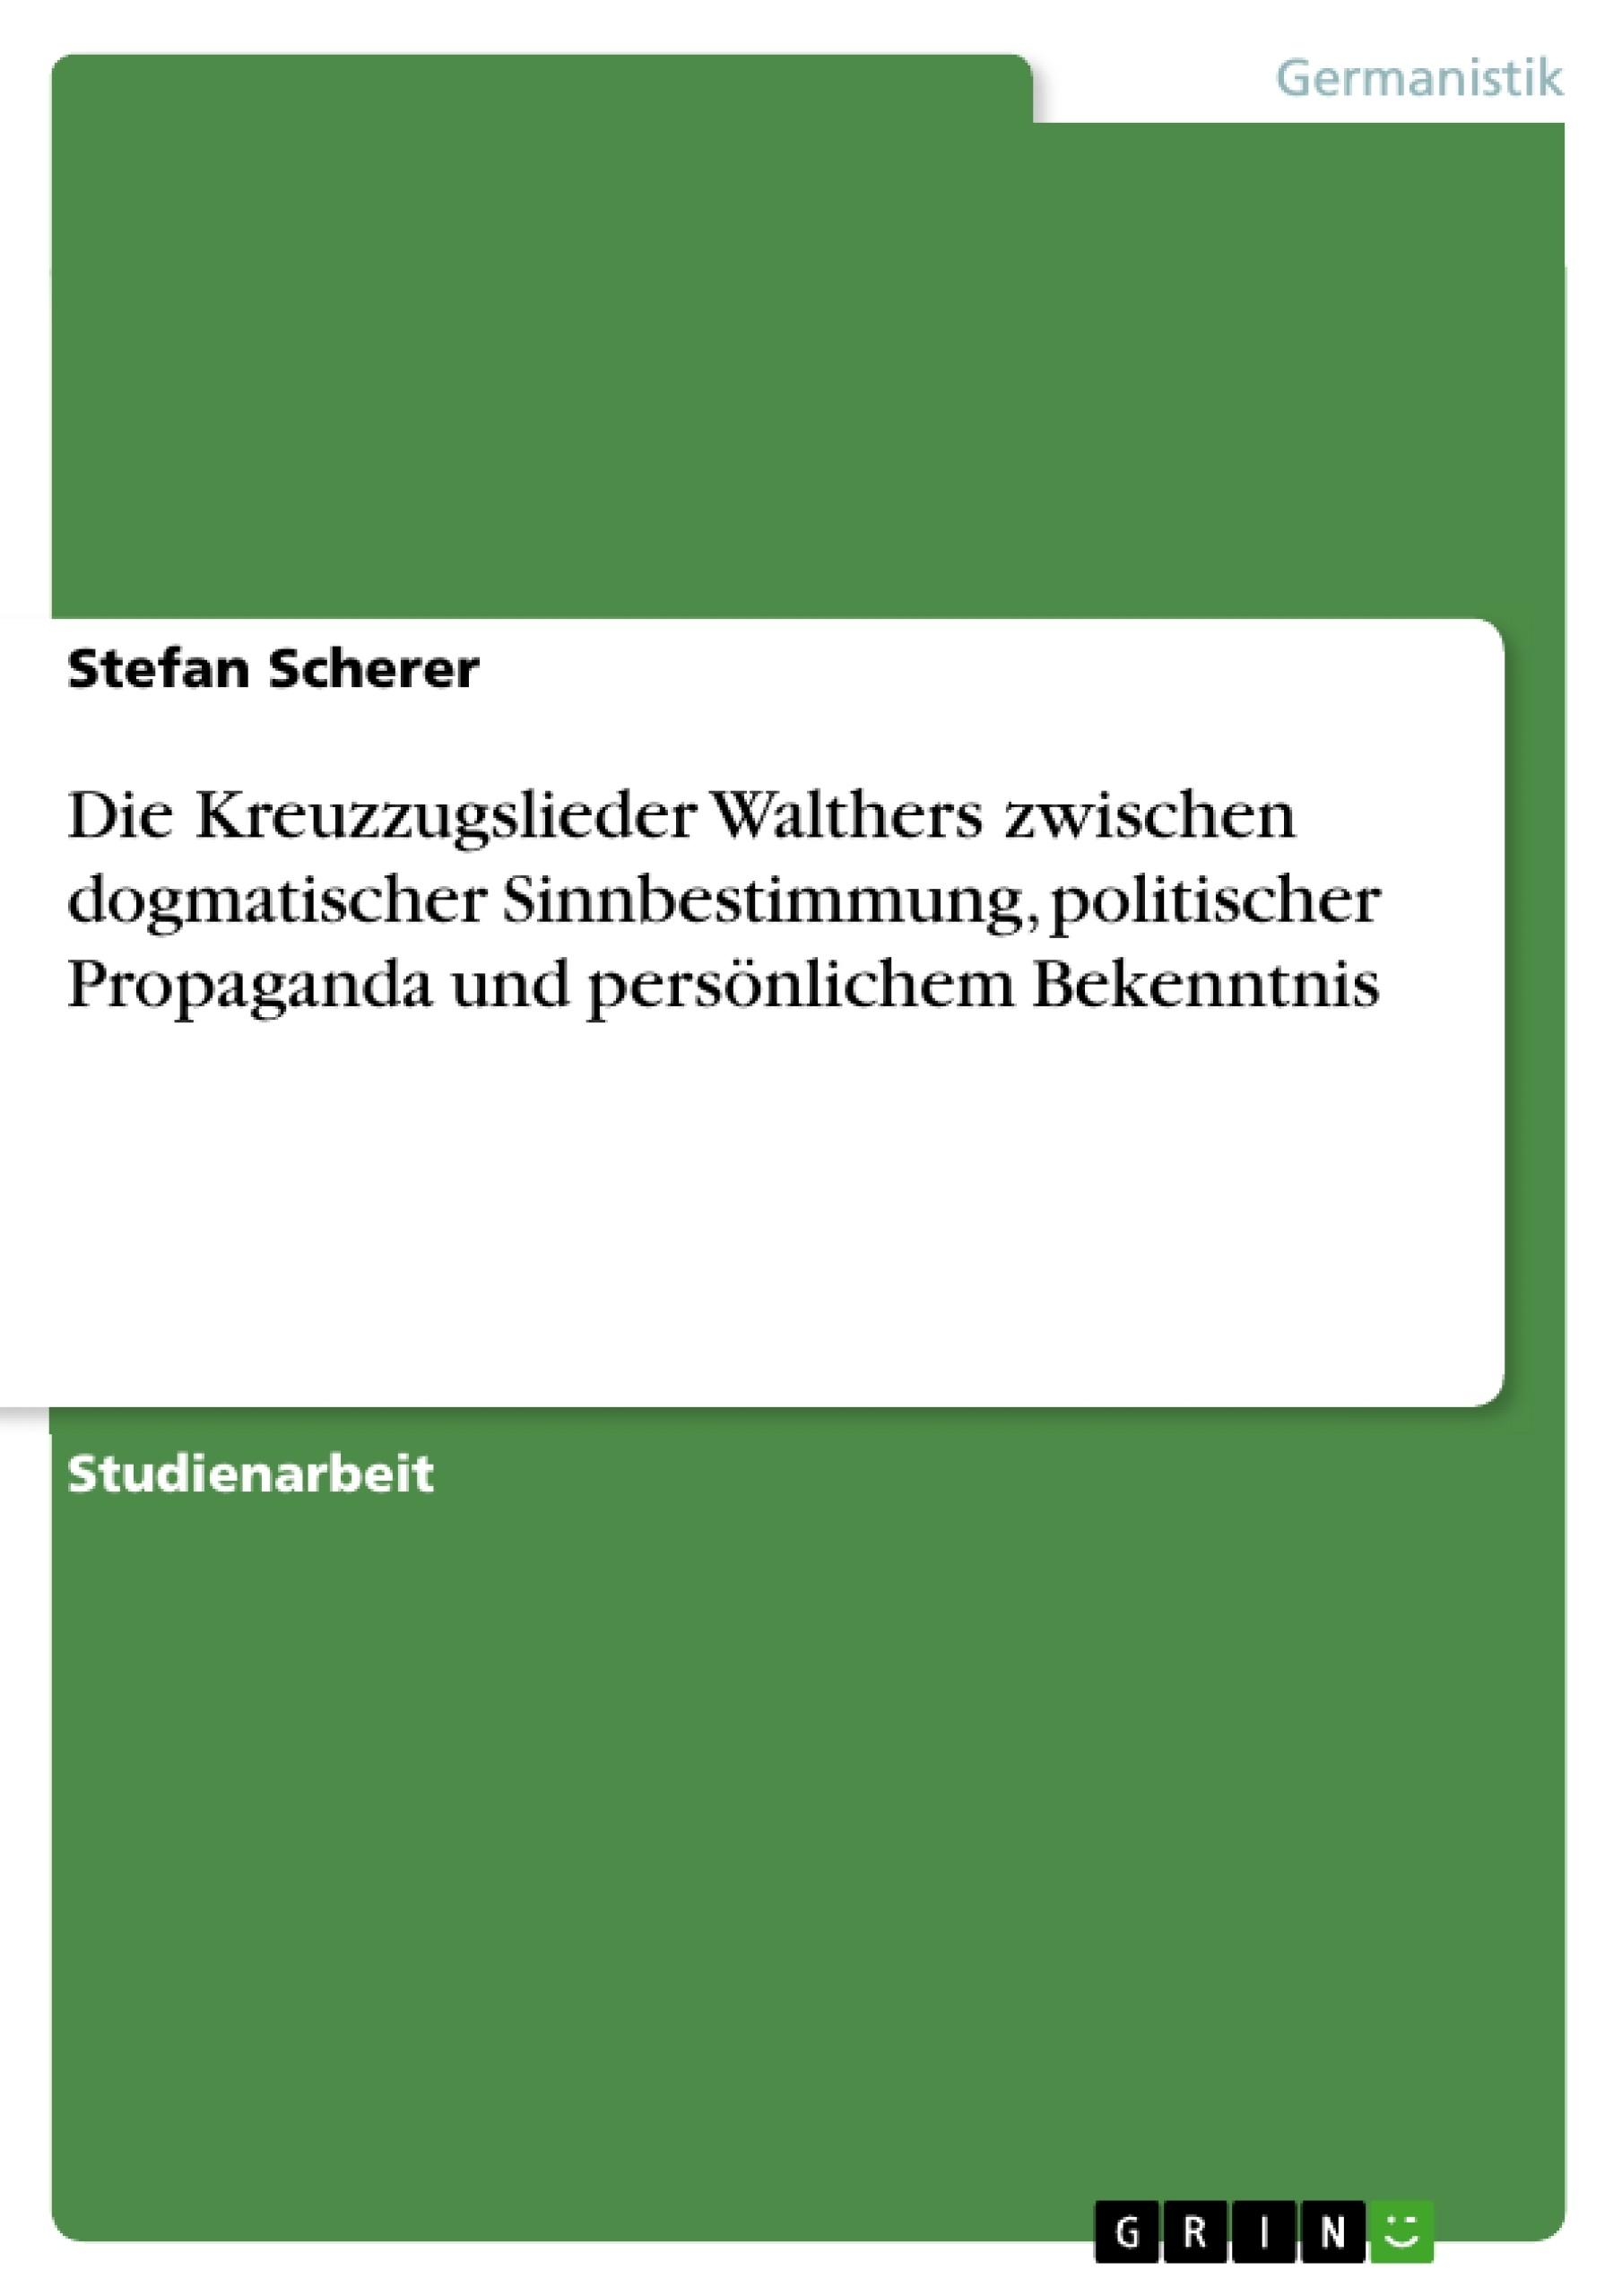 Titel: Die Kreuzzugslieder Walthers zwischen dogmatischer Sinnbestimmung, politischer Propaganda und persönlichem Bekenntnis